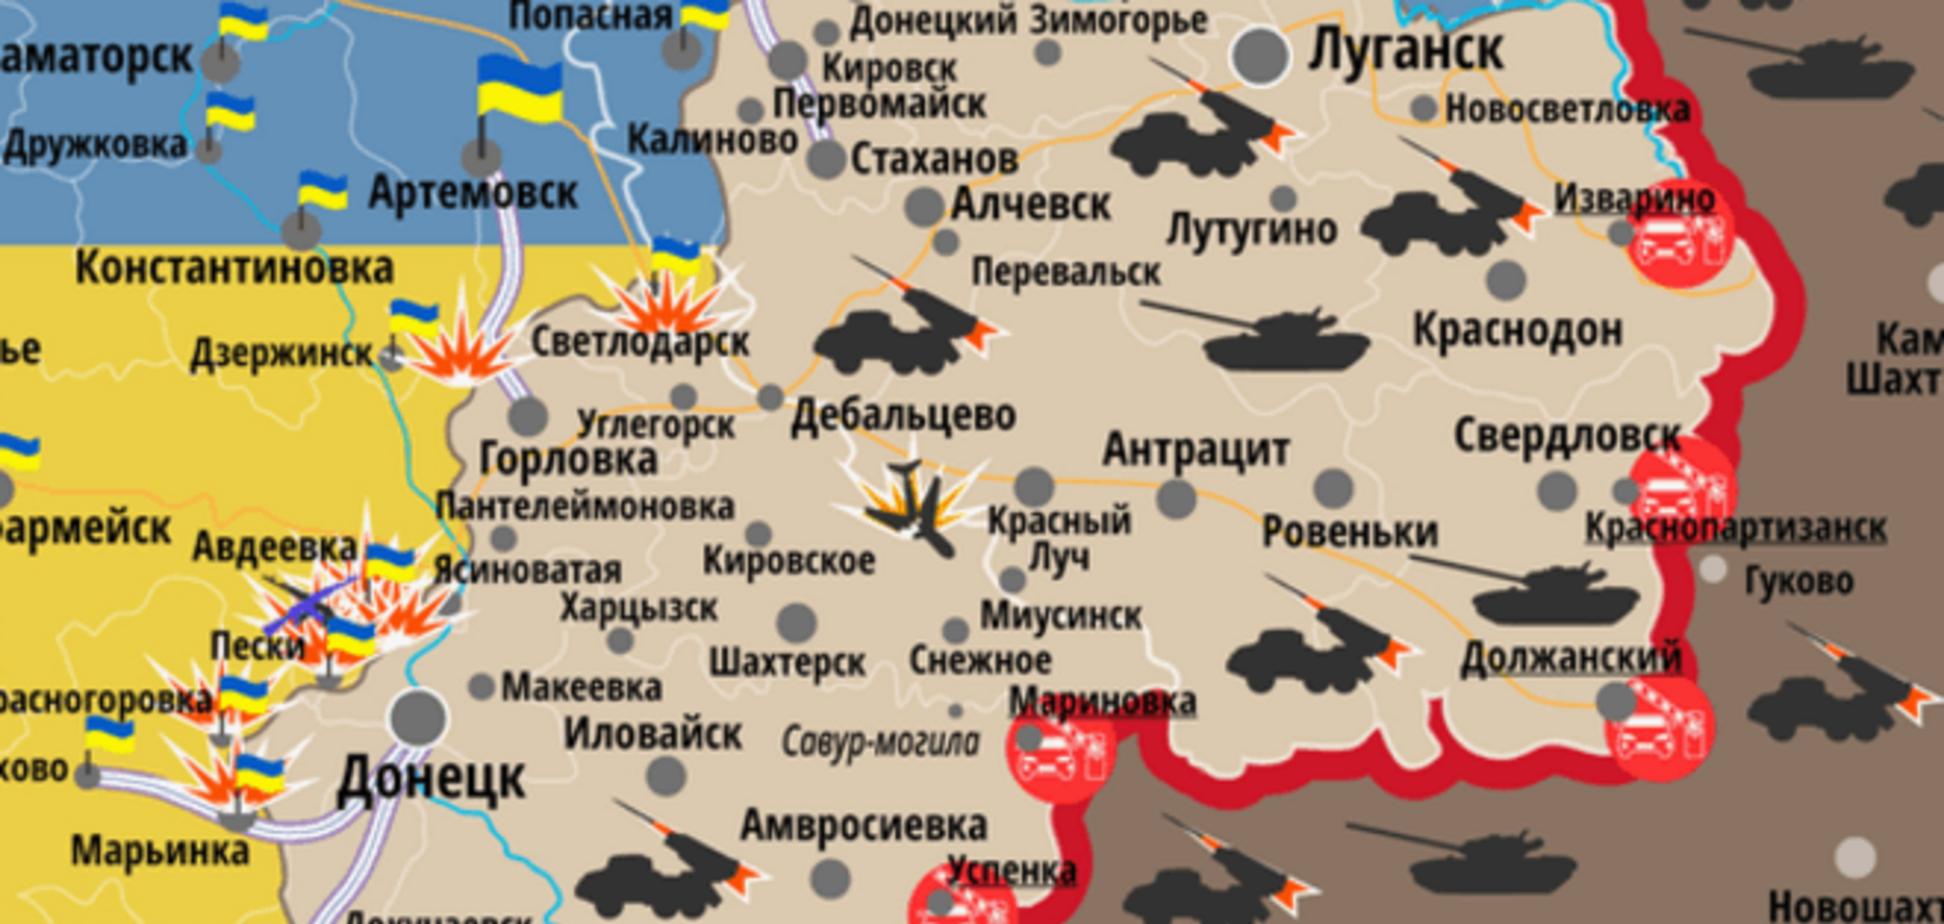 Терористи перейшли в режим 'від заходу до світанку': мапа АТО